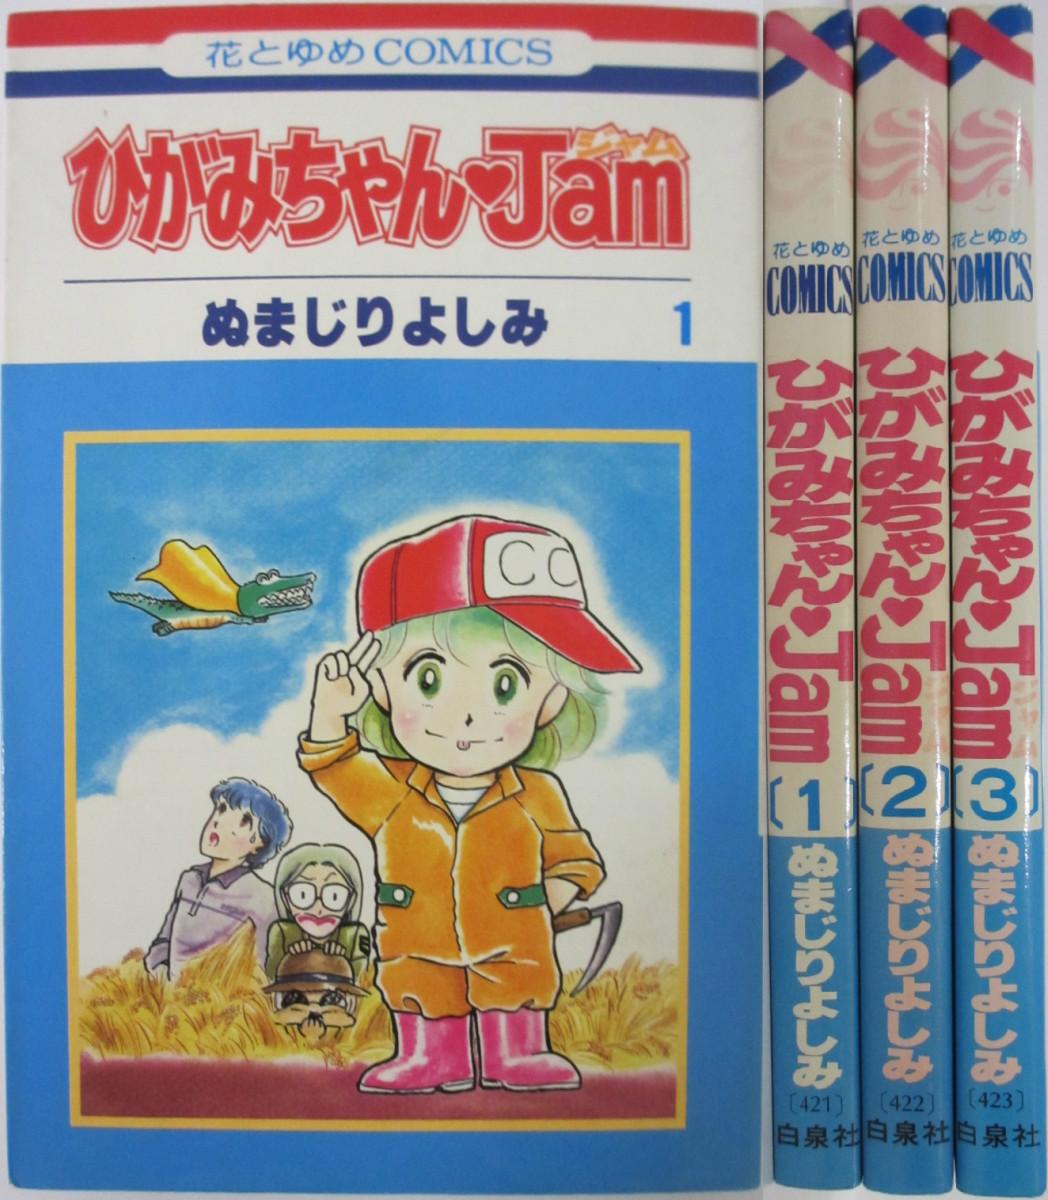 中古 ひがみちゃん Jam 1-3巻 全巻セット ぬまじりよしみ オンラインショップ 新作 人気